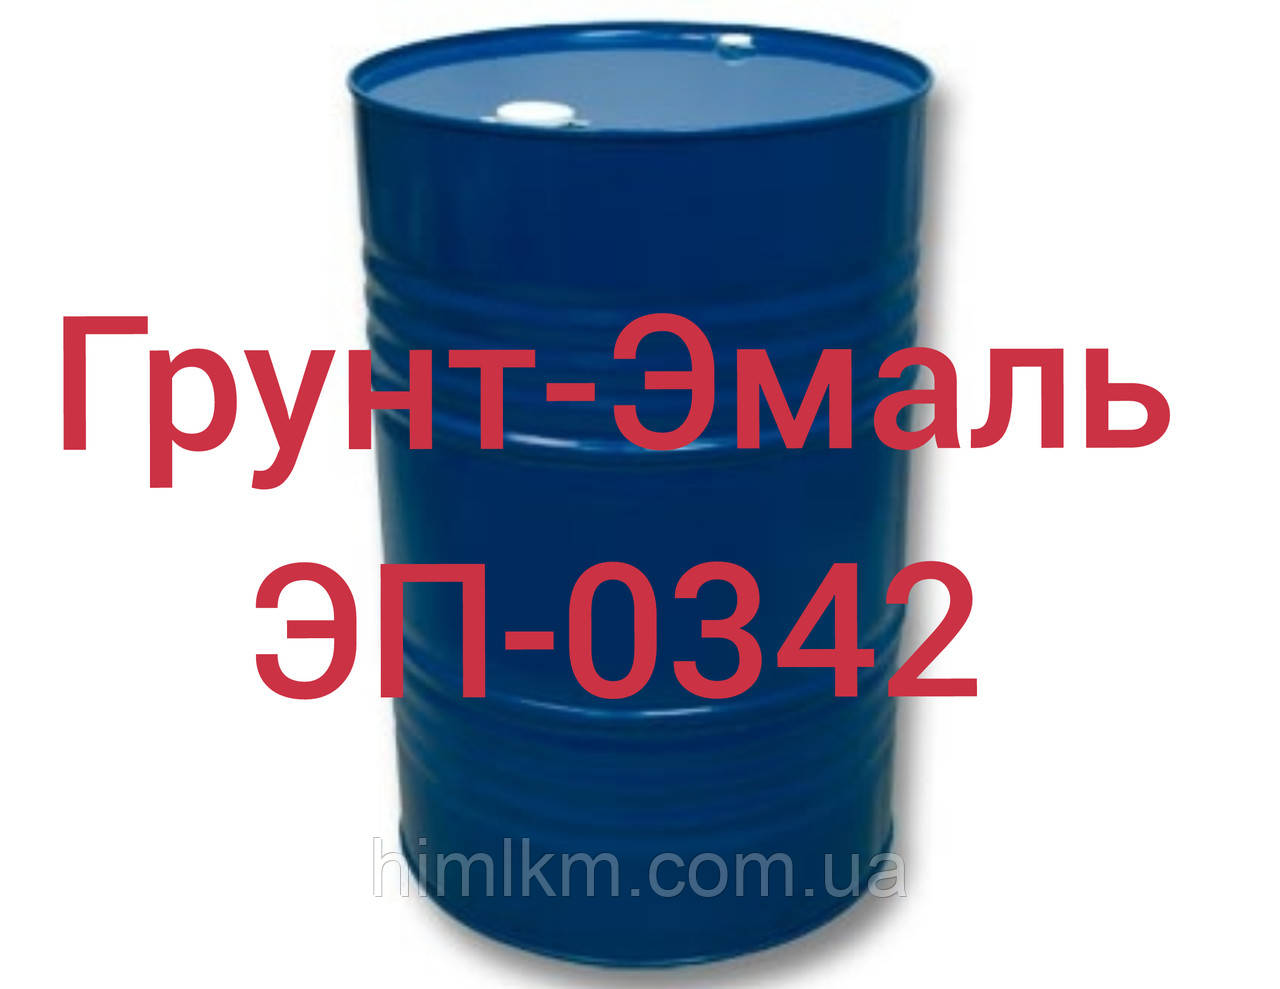 Грунт-эмаль ЭП-0342  стойкие к перепаду температур / стойкие к повышенной влажности